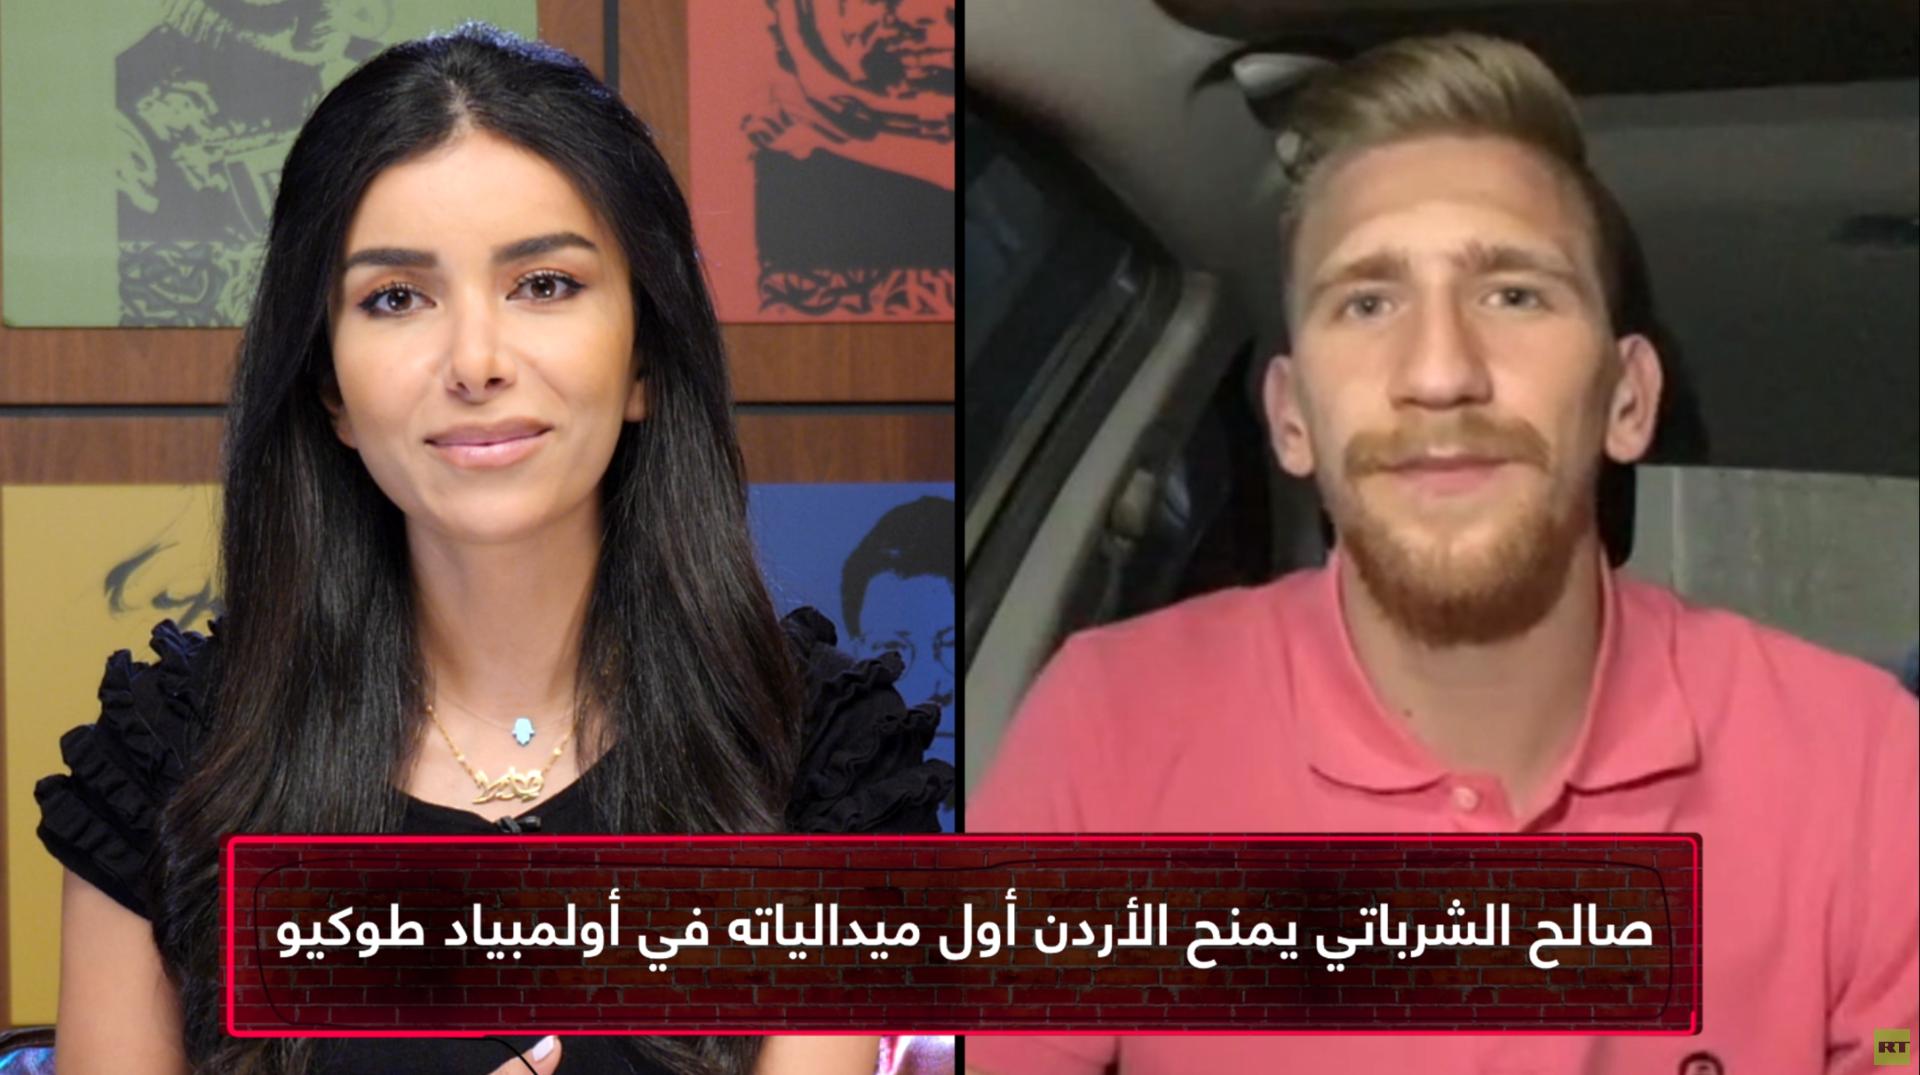 لاعب التايكوندو الأردني صالح الشرباتي: أشعر بالفخر بما حققته.. وأهدي إنجازي لروح والدي